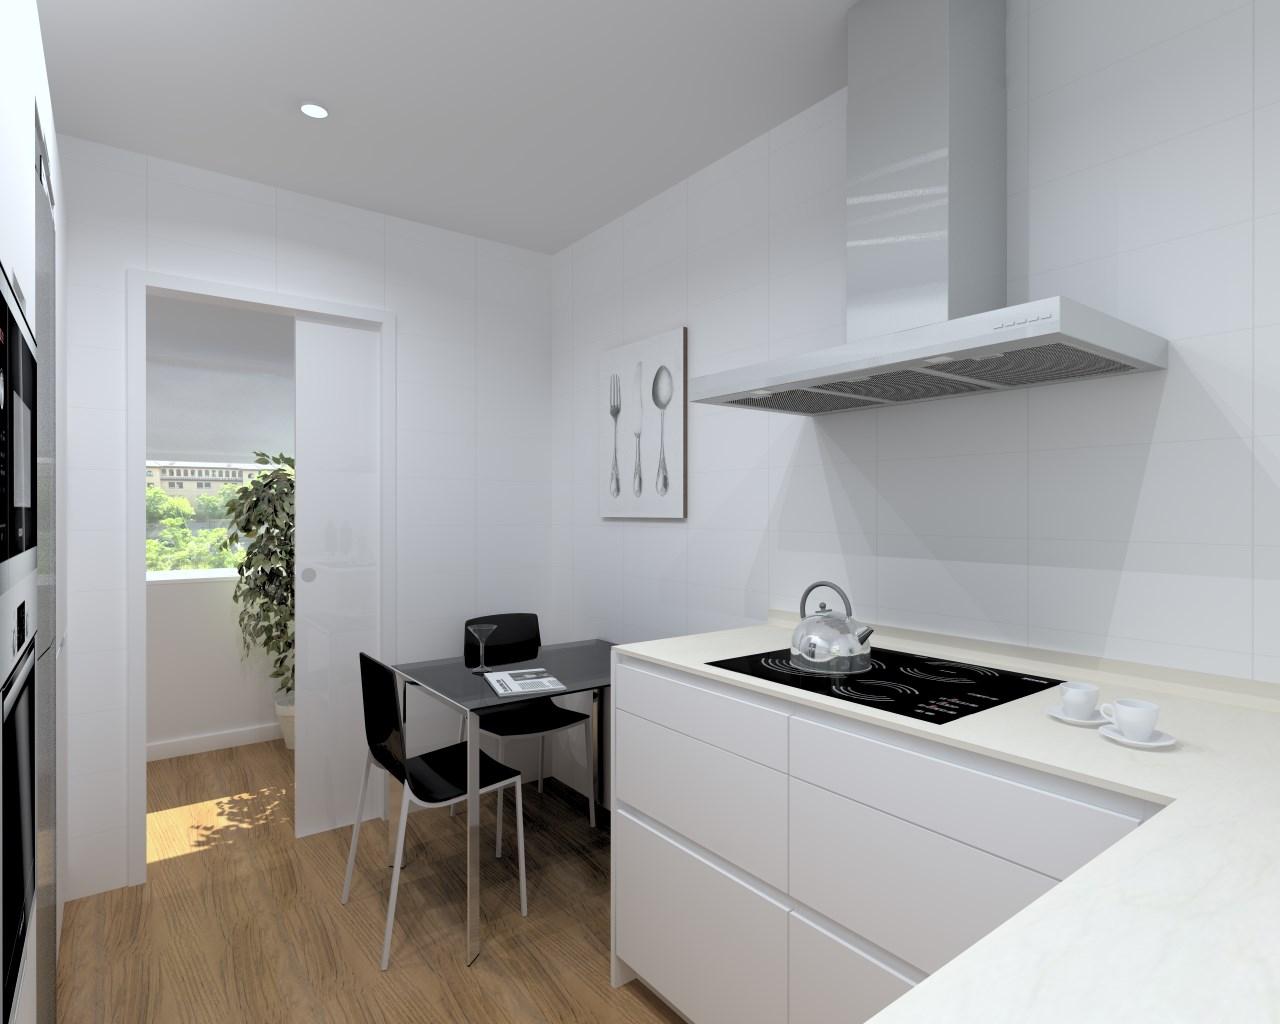 Cocinas santos modelo line laminado seda blanco encimera for M s mobiliario auxiliar para tu cocina s l